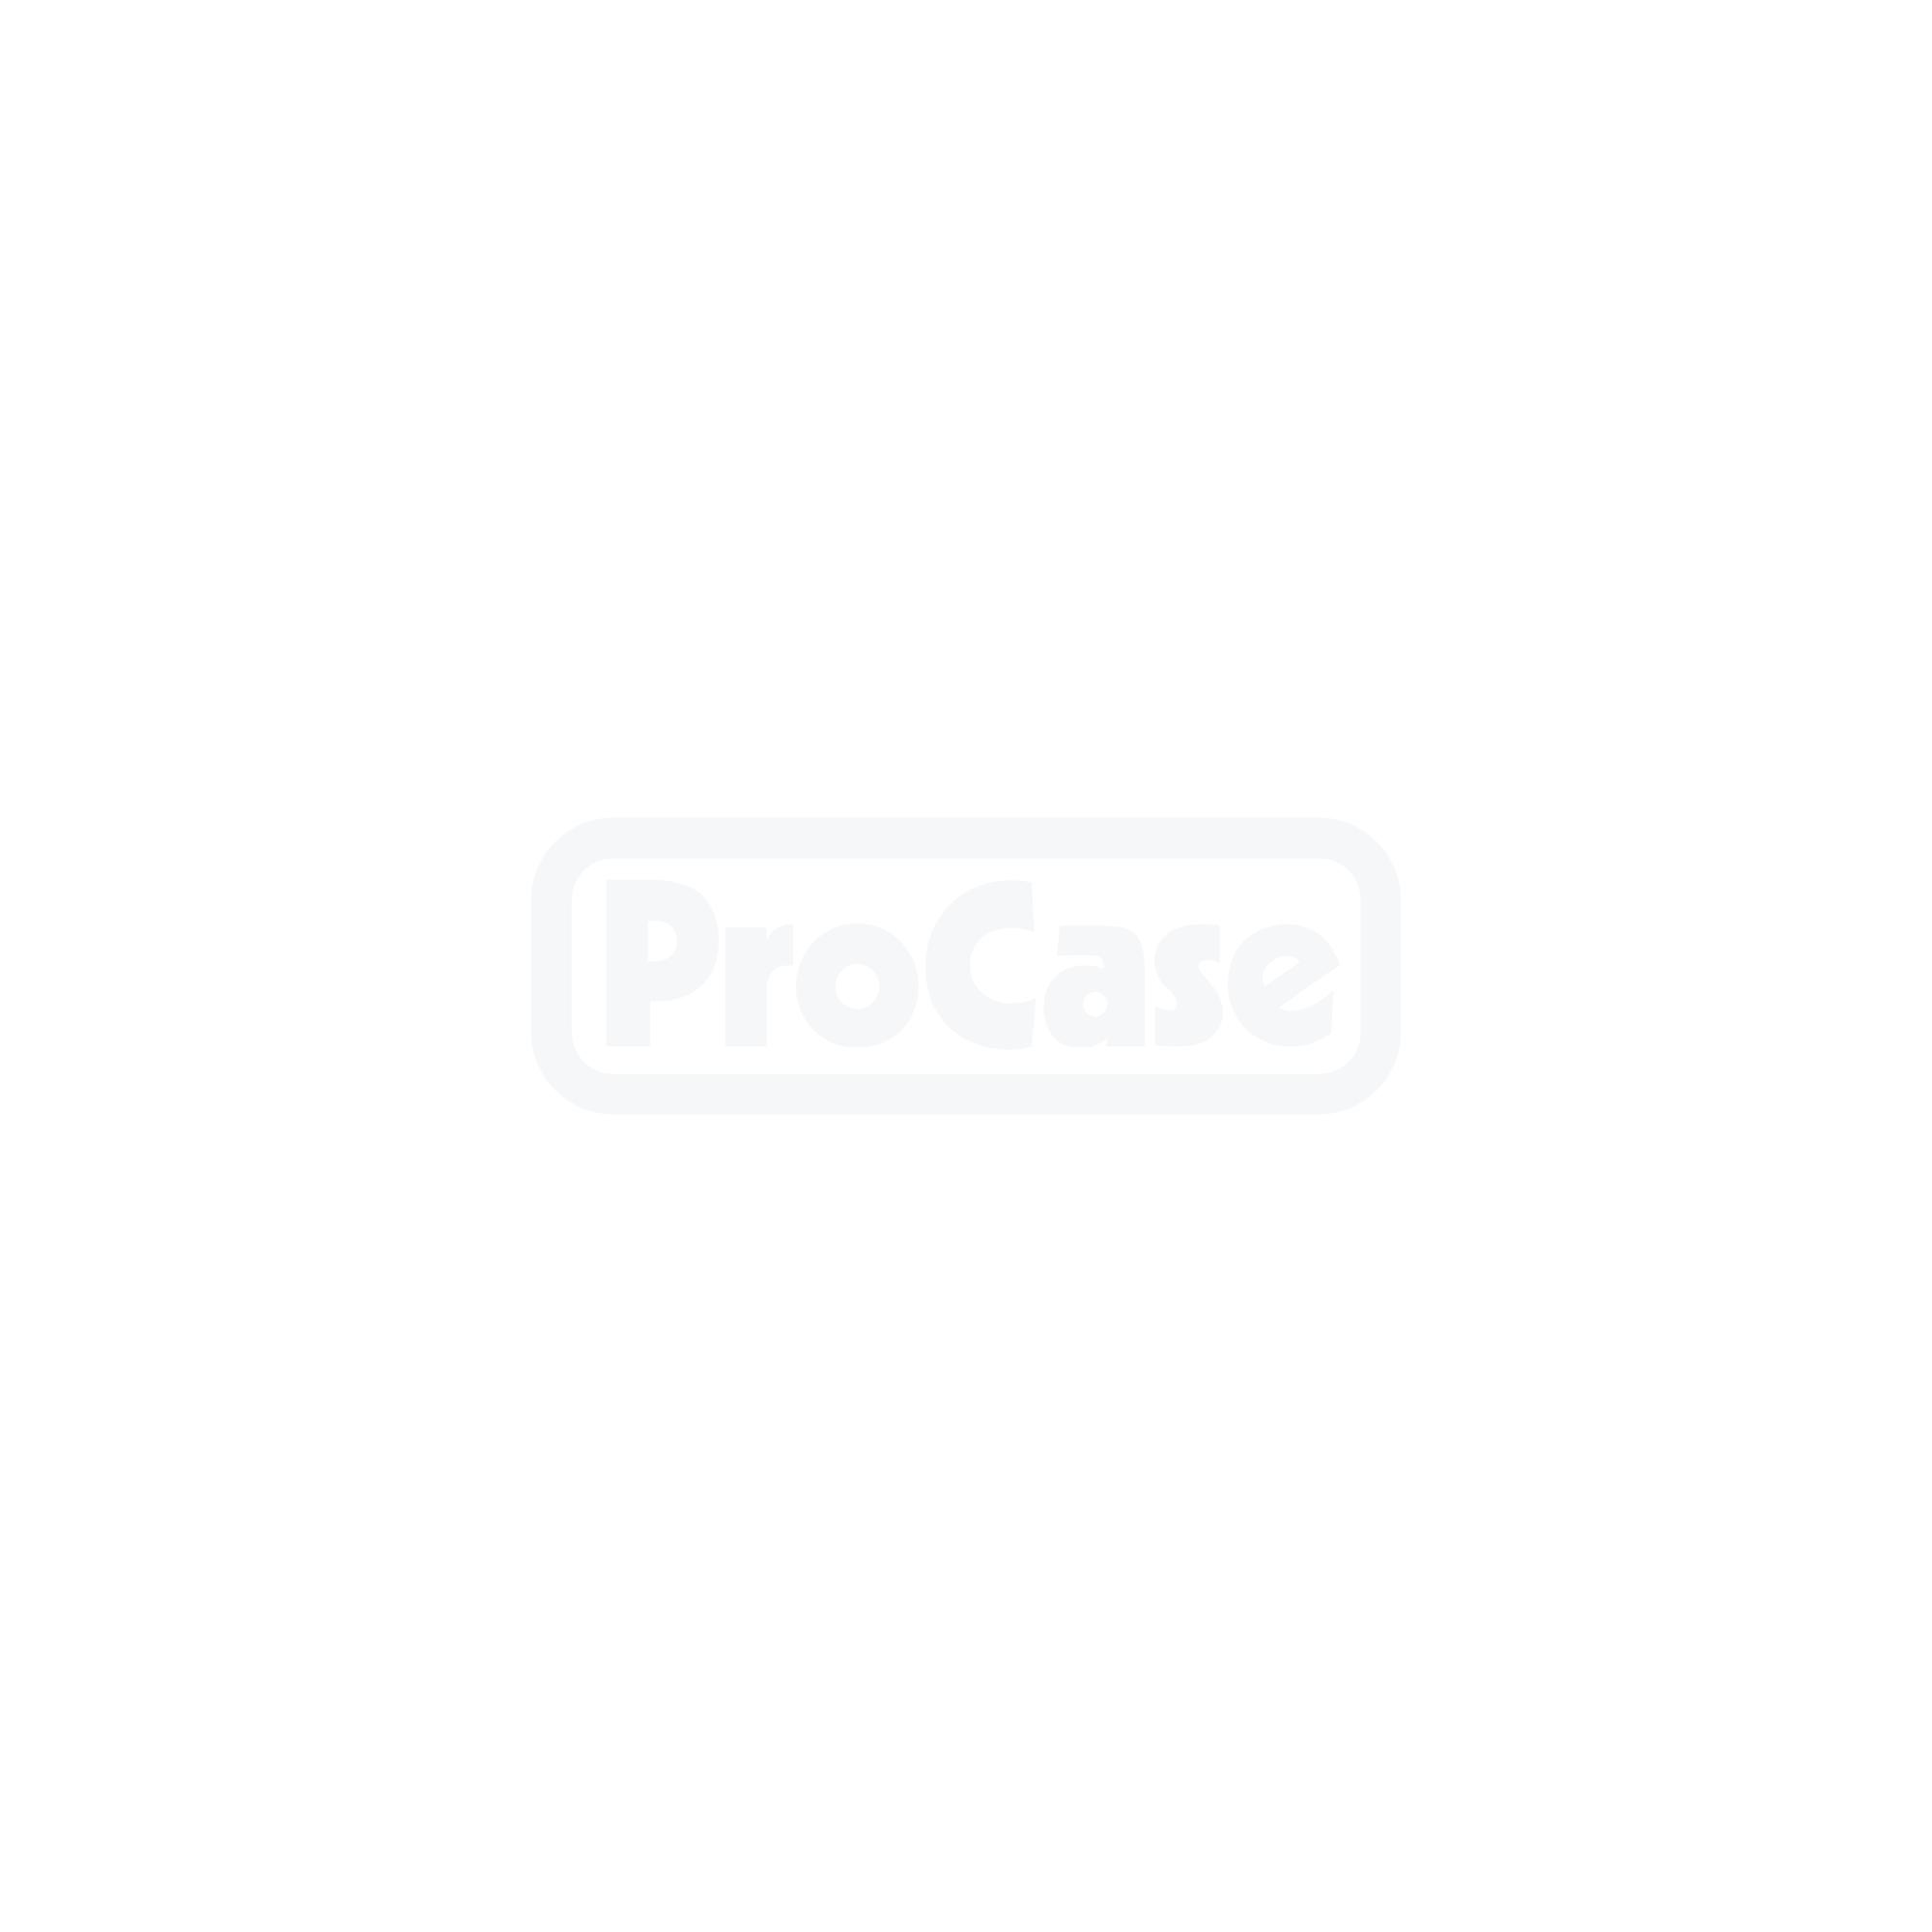 Trusspin Einsatzkasten T4 für Rigging/Tool-Case